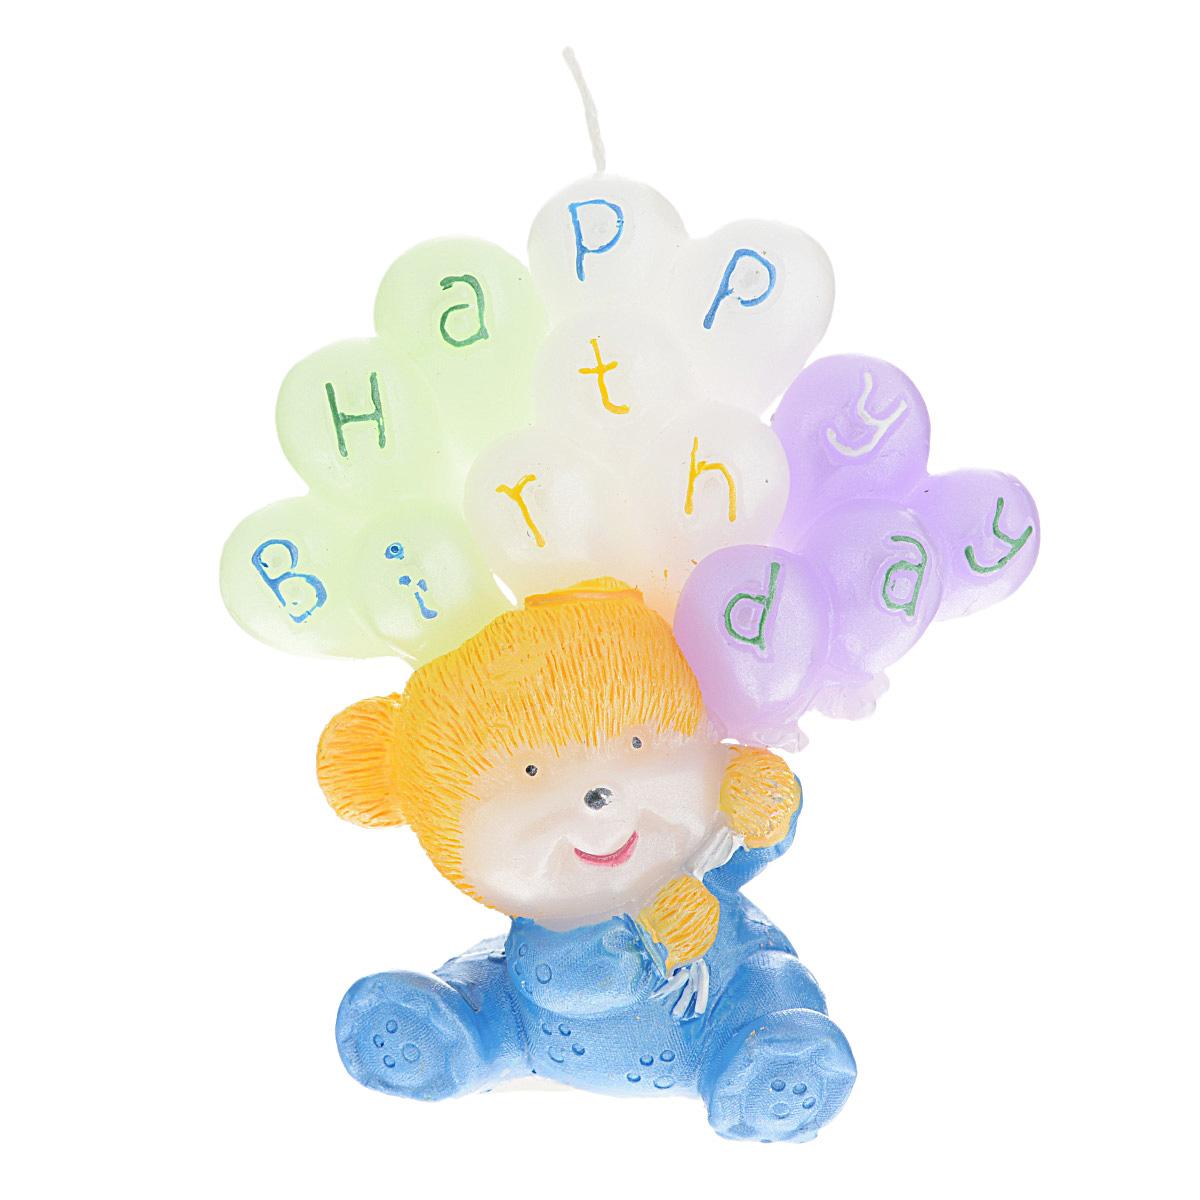 Свеча декоративная Win Max С днем рождения, цвет: голубой, 6 см х 6 см х 8 см. 9445994459Декоративная свеча Win Max С днем рождения изготовлена из парафина в форме мишки с шариками. Свеча упакована в прозрачную пластиковую коробку и украшена бантиком. Декоративная свеча Win Max С днем рождения может стать отличным подарком на день рождение. Размер свечи: 6 см х 6 см х 8 см.